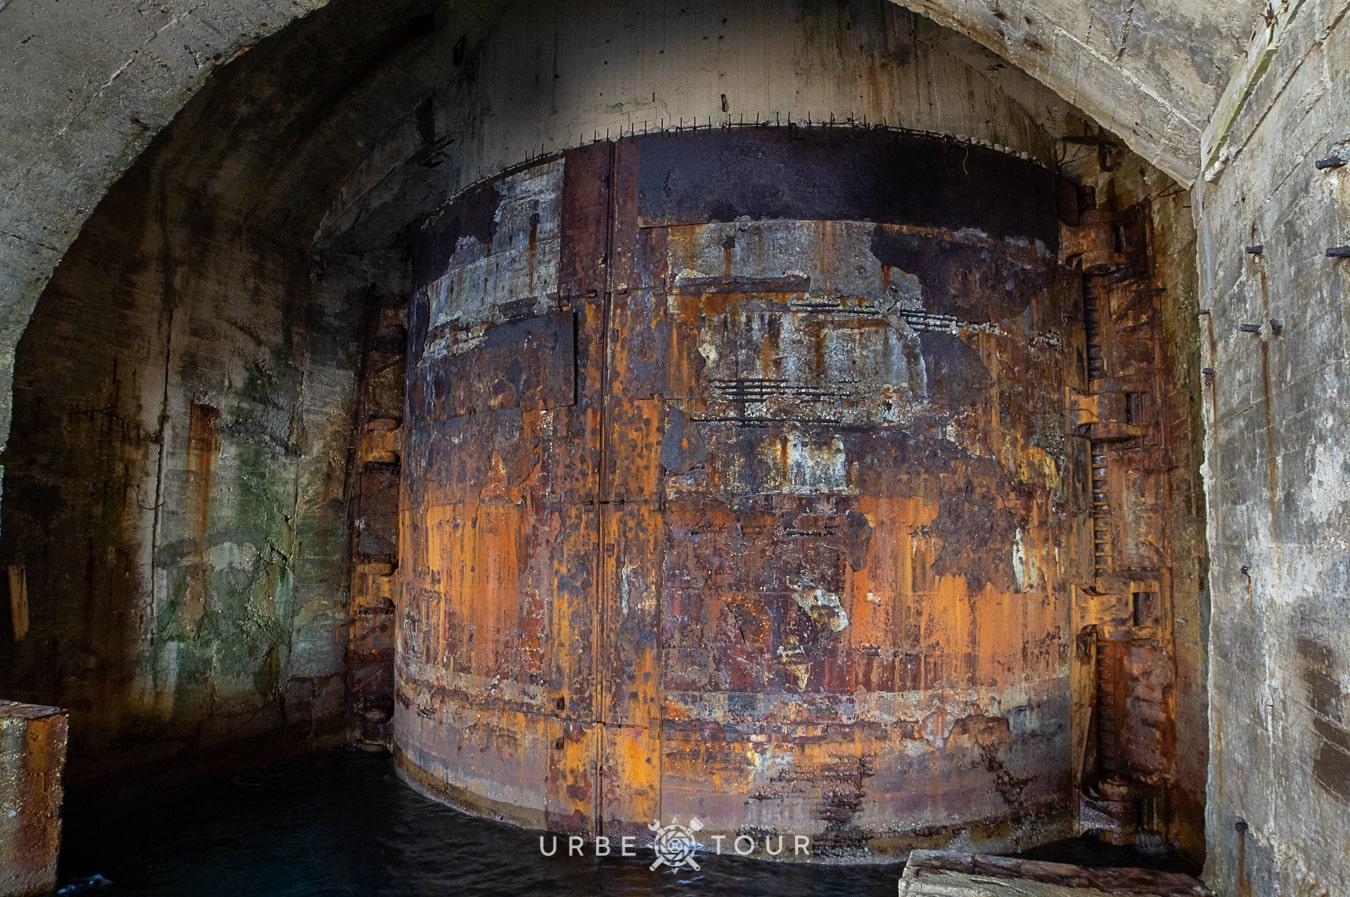 porto-palermo-submarine-base-albania-1 Подземная база для подводных лодок в Порто Палермо, Албания